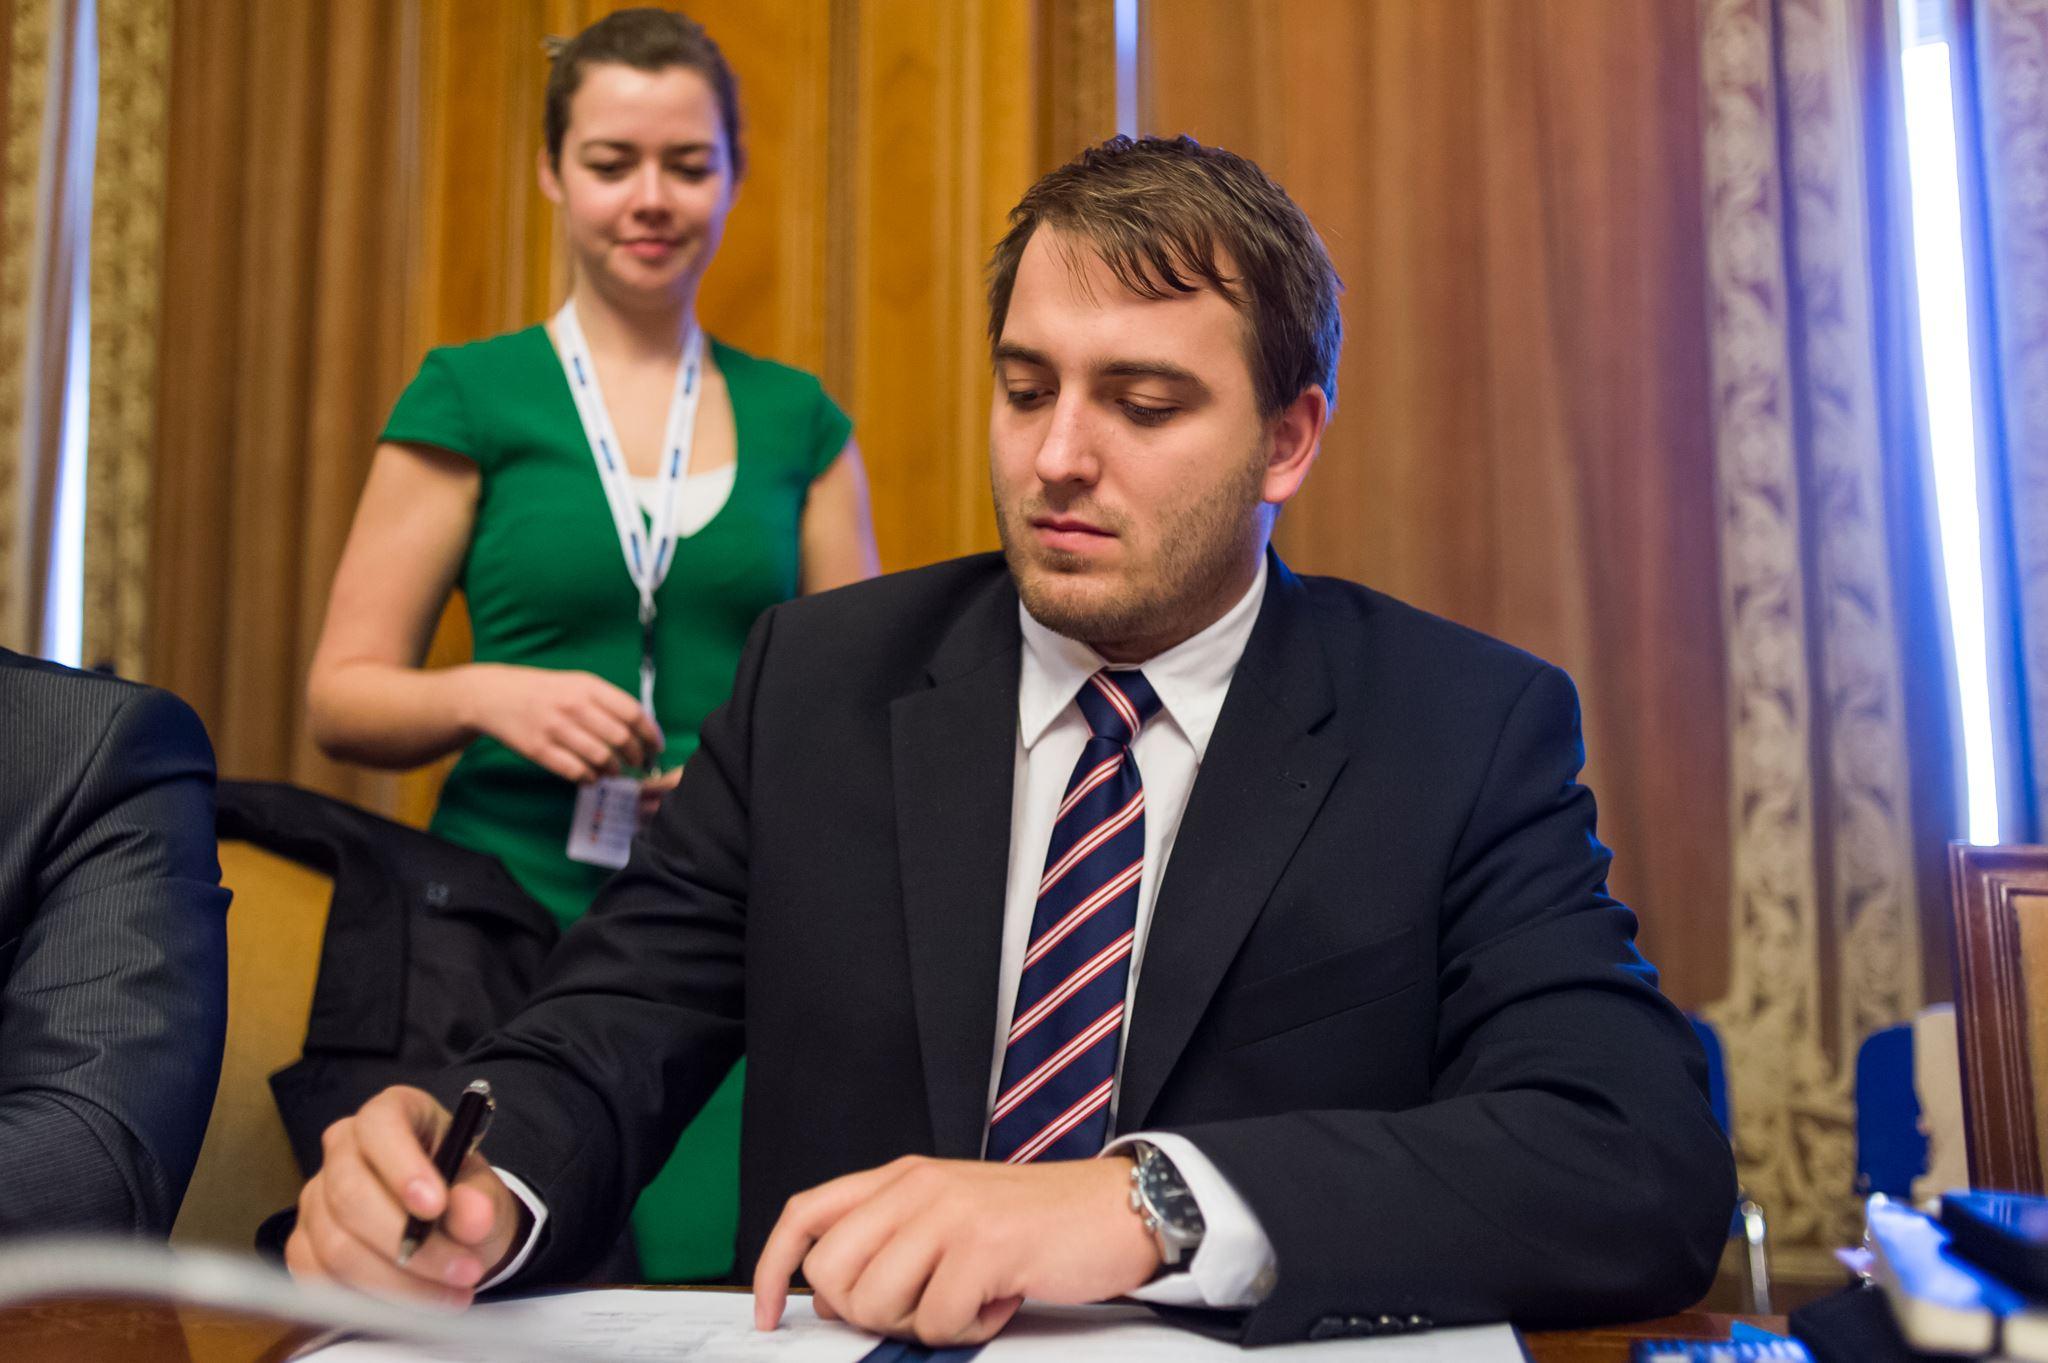 Čuš želi s poslanskih klopi na županski stolček